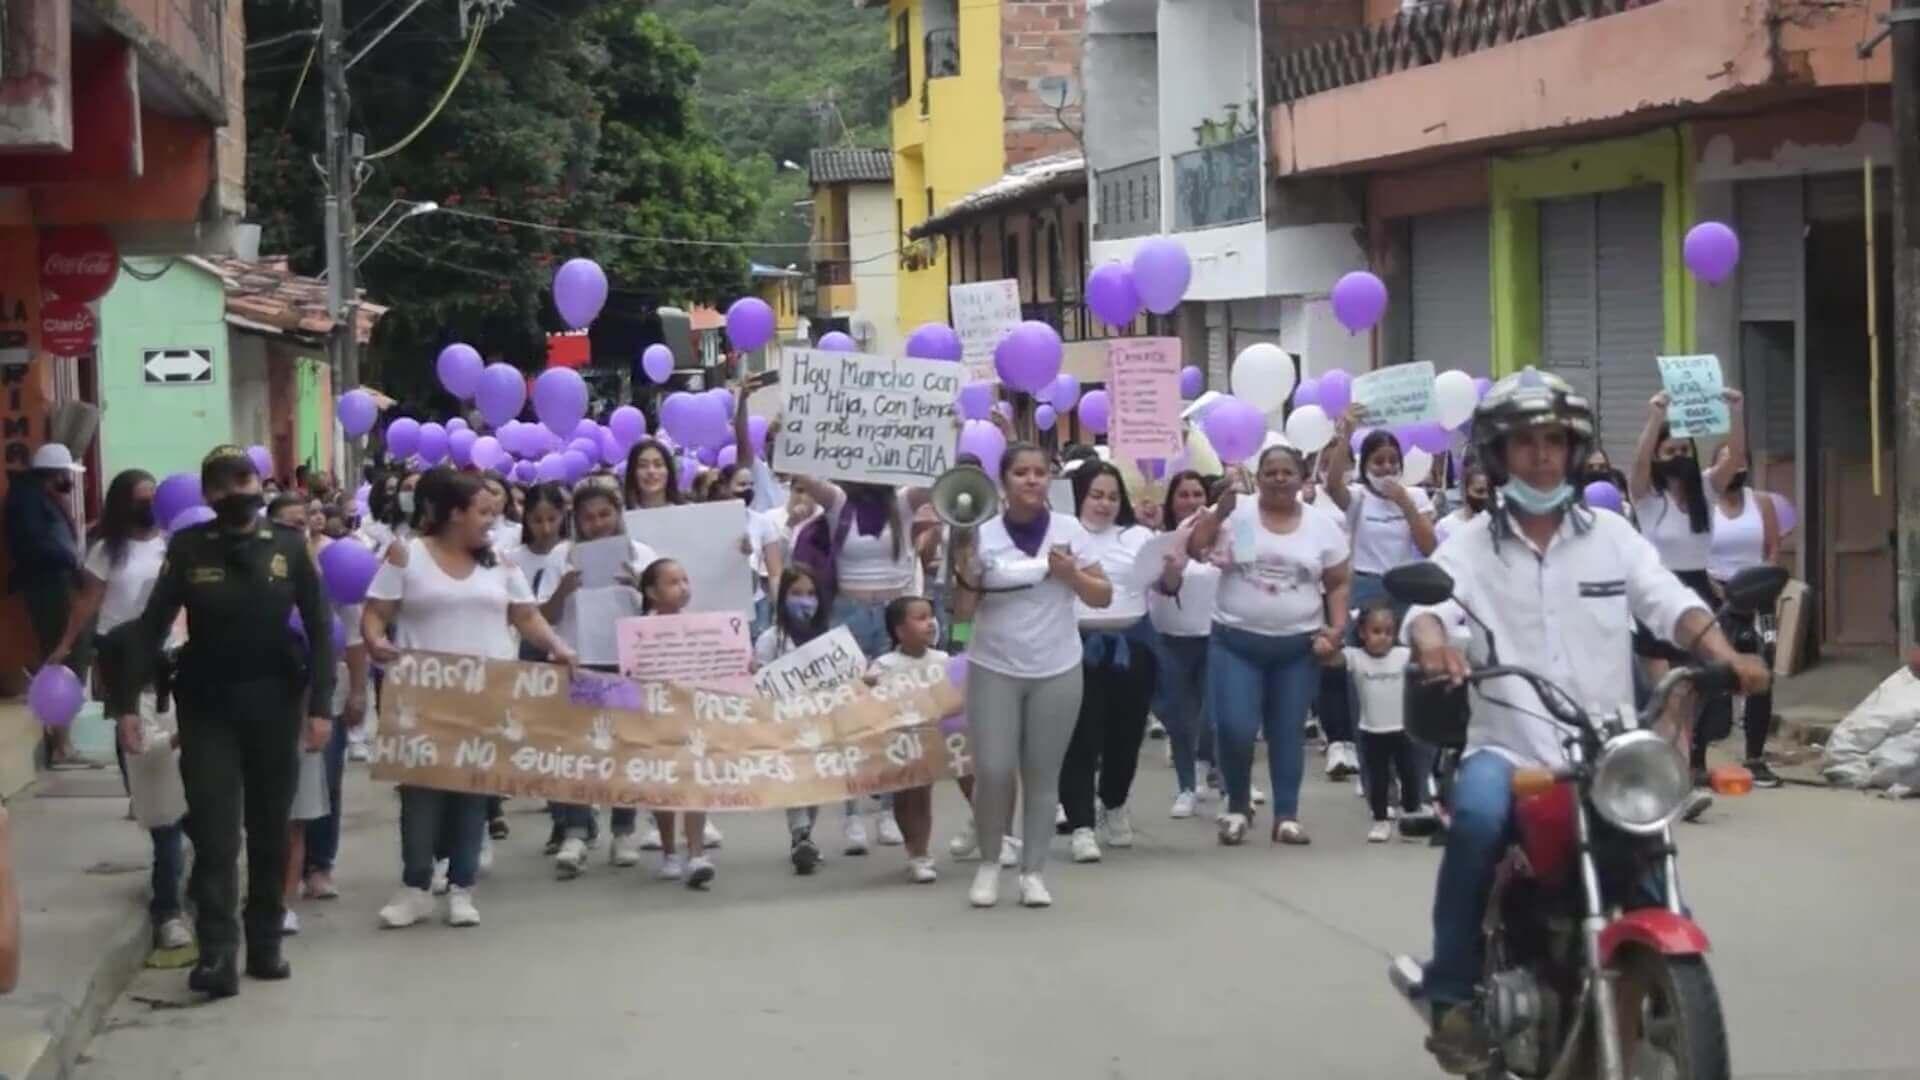 Con marcha, comunidad de Salgar rechaza violencia de género